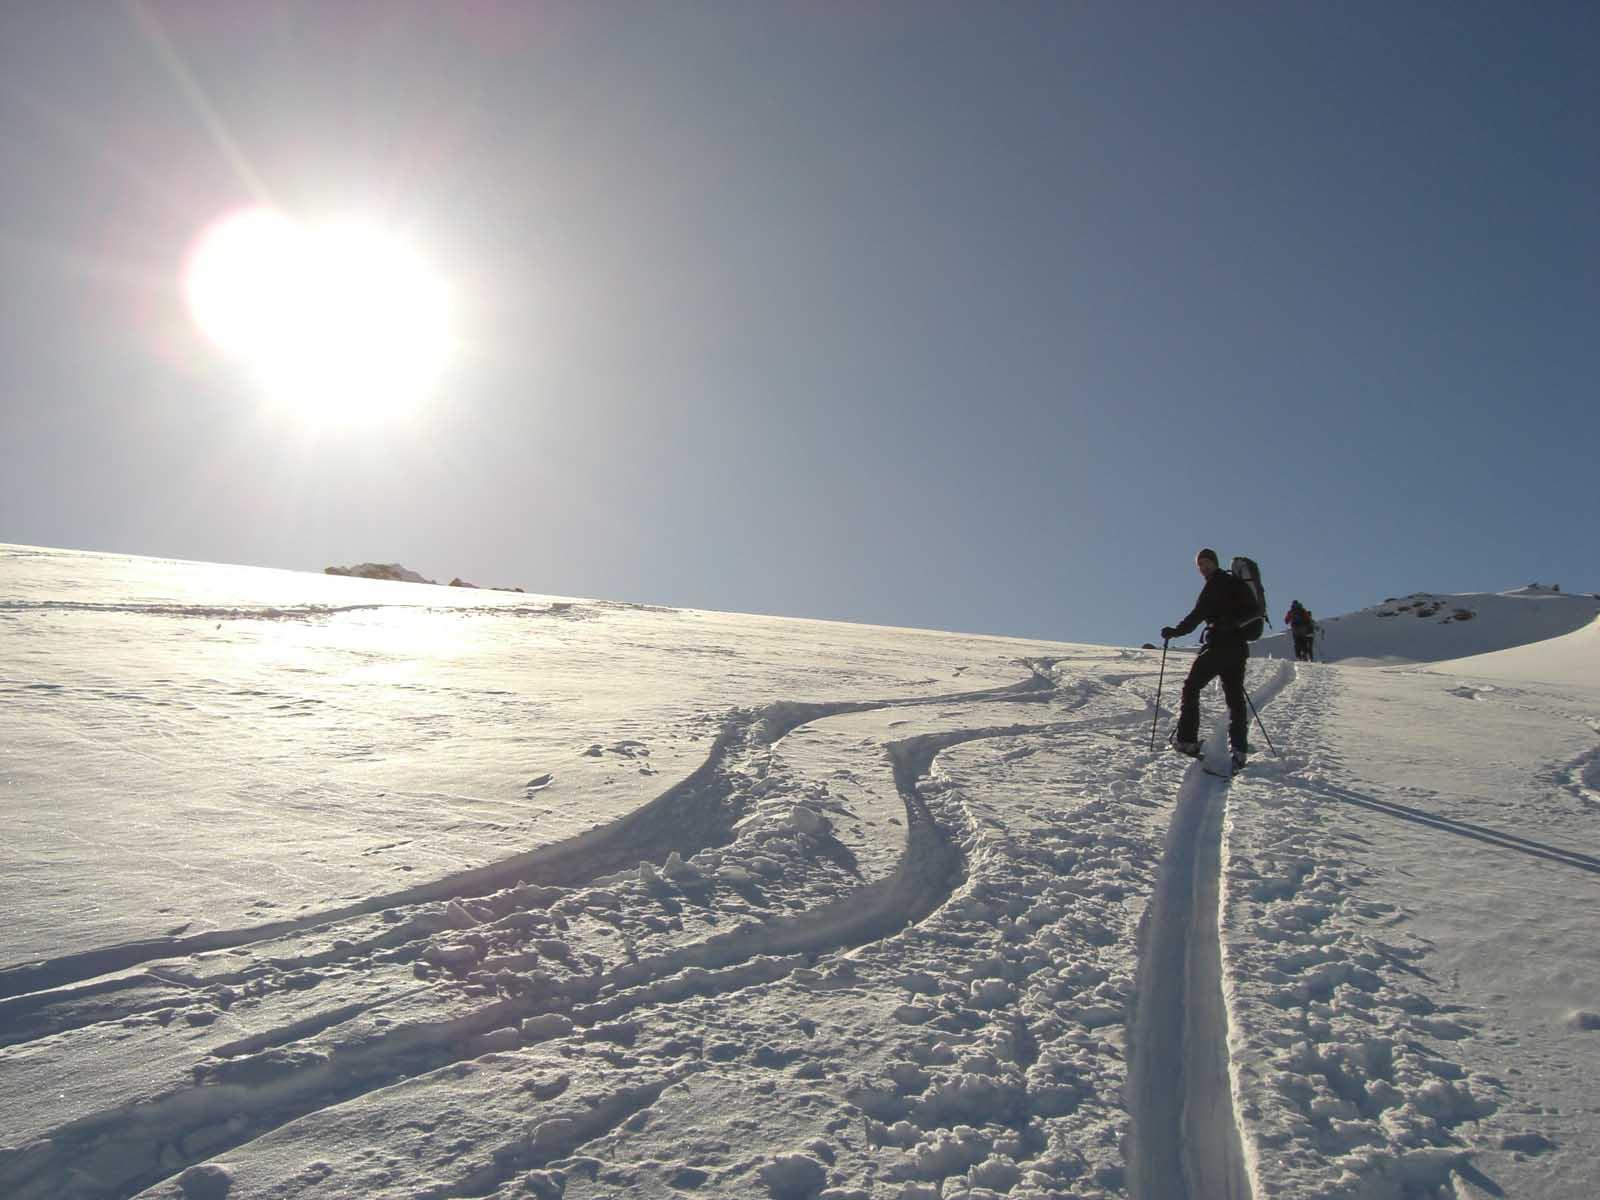 Foto: Thomas Paschinger / Skitour / Zwieselsbacher Roßkogel, 3081m / am Gletscher westlich der Rotgrubespitze / 07.02.2009 13:36:46